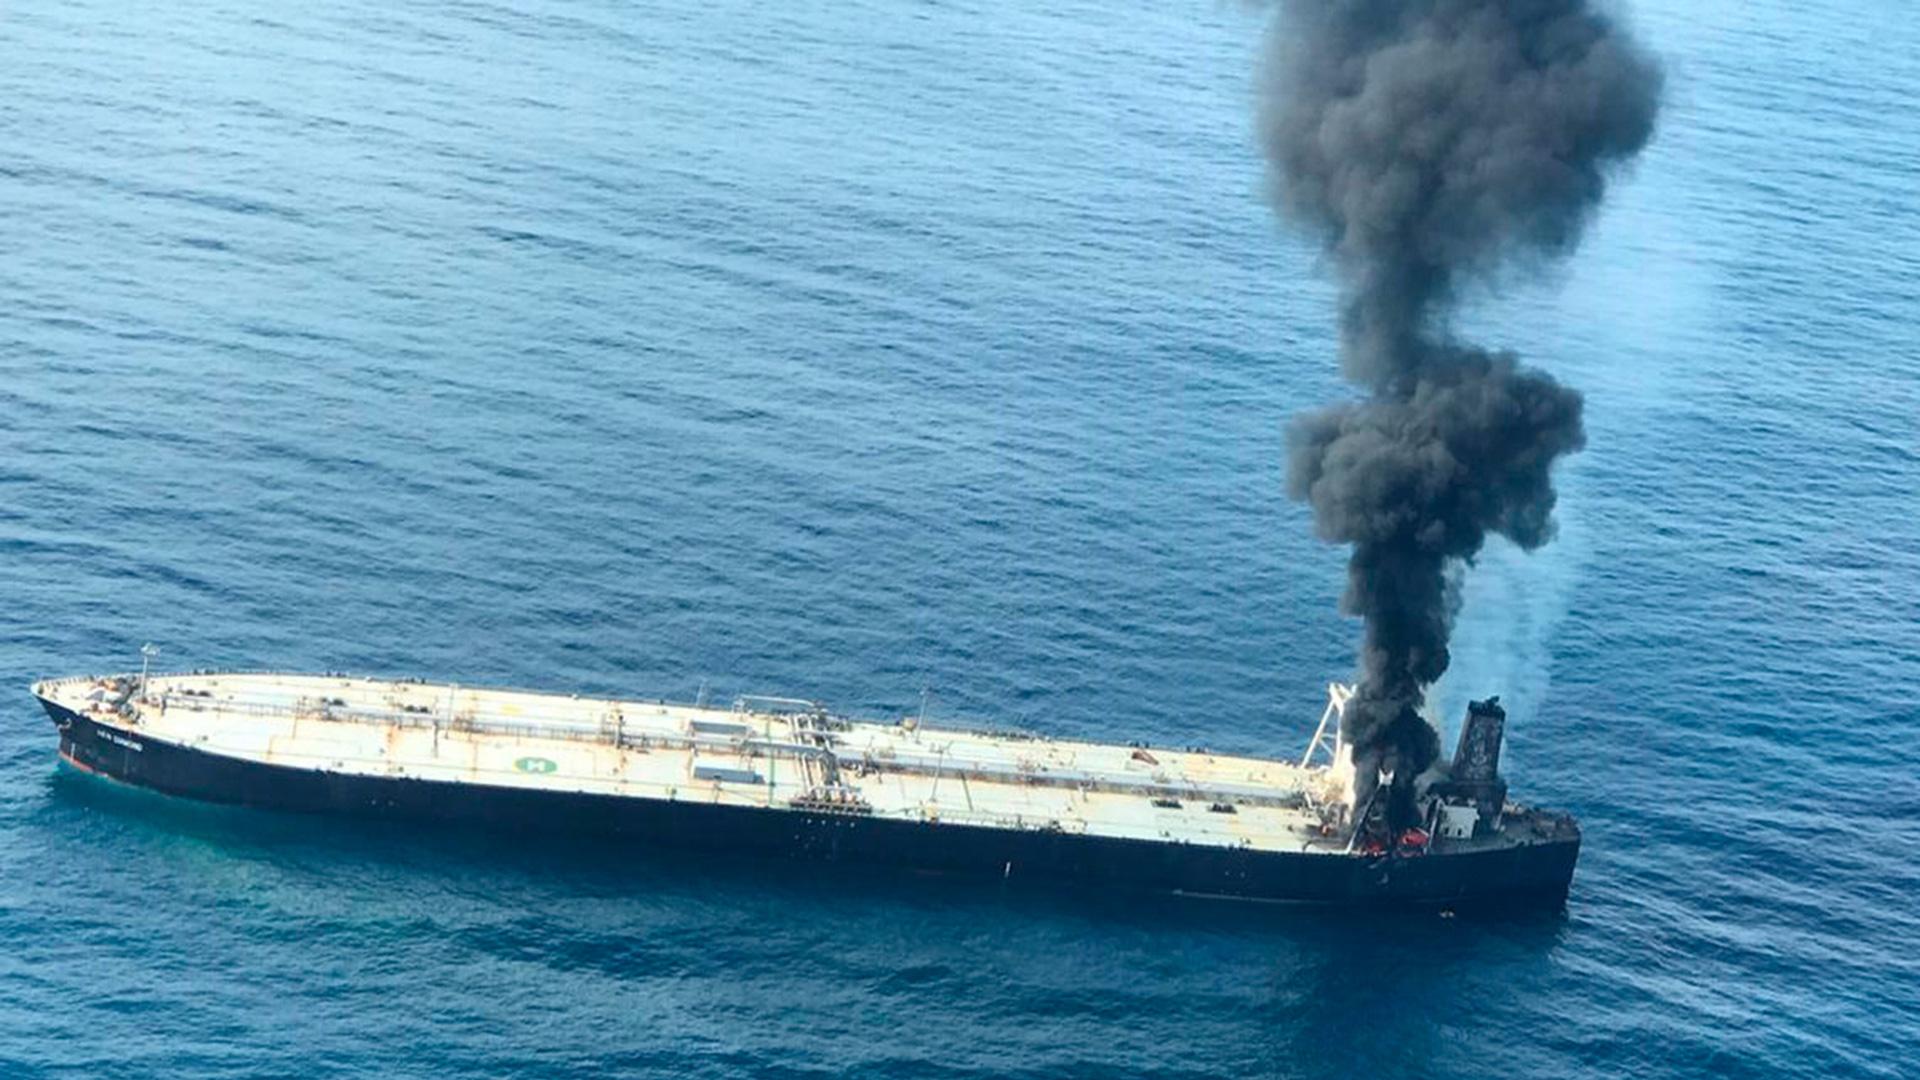 Ölkatastrophe: Tanker vor Sri Lanka